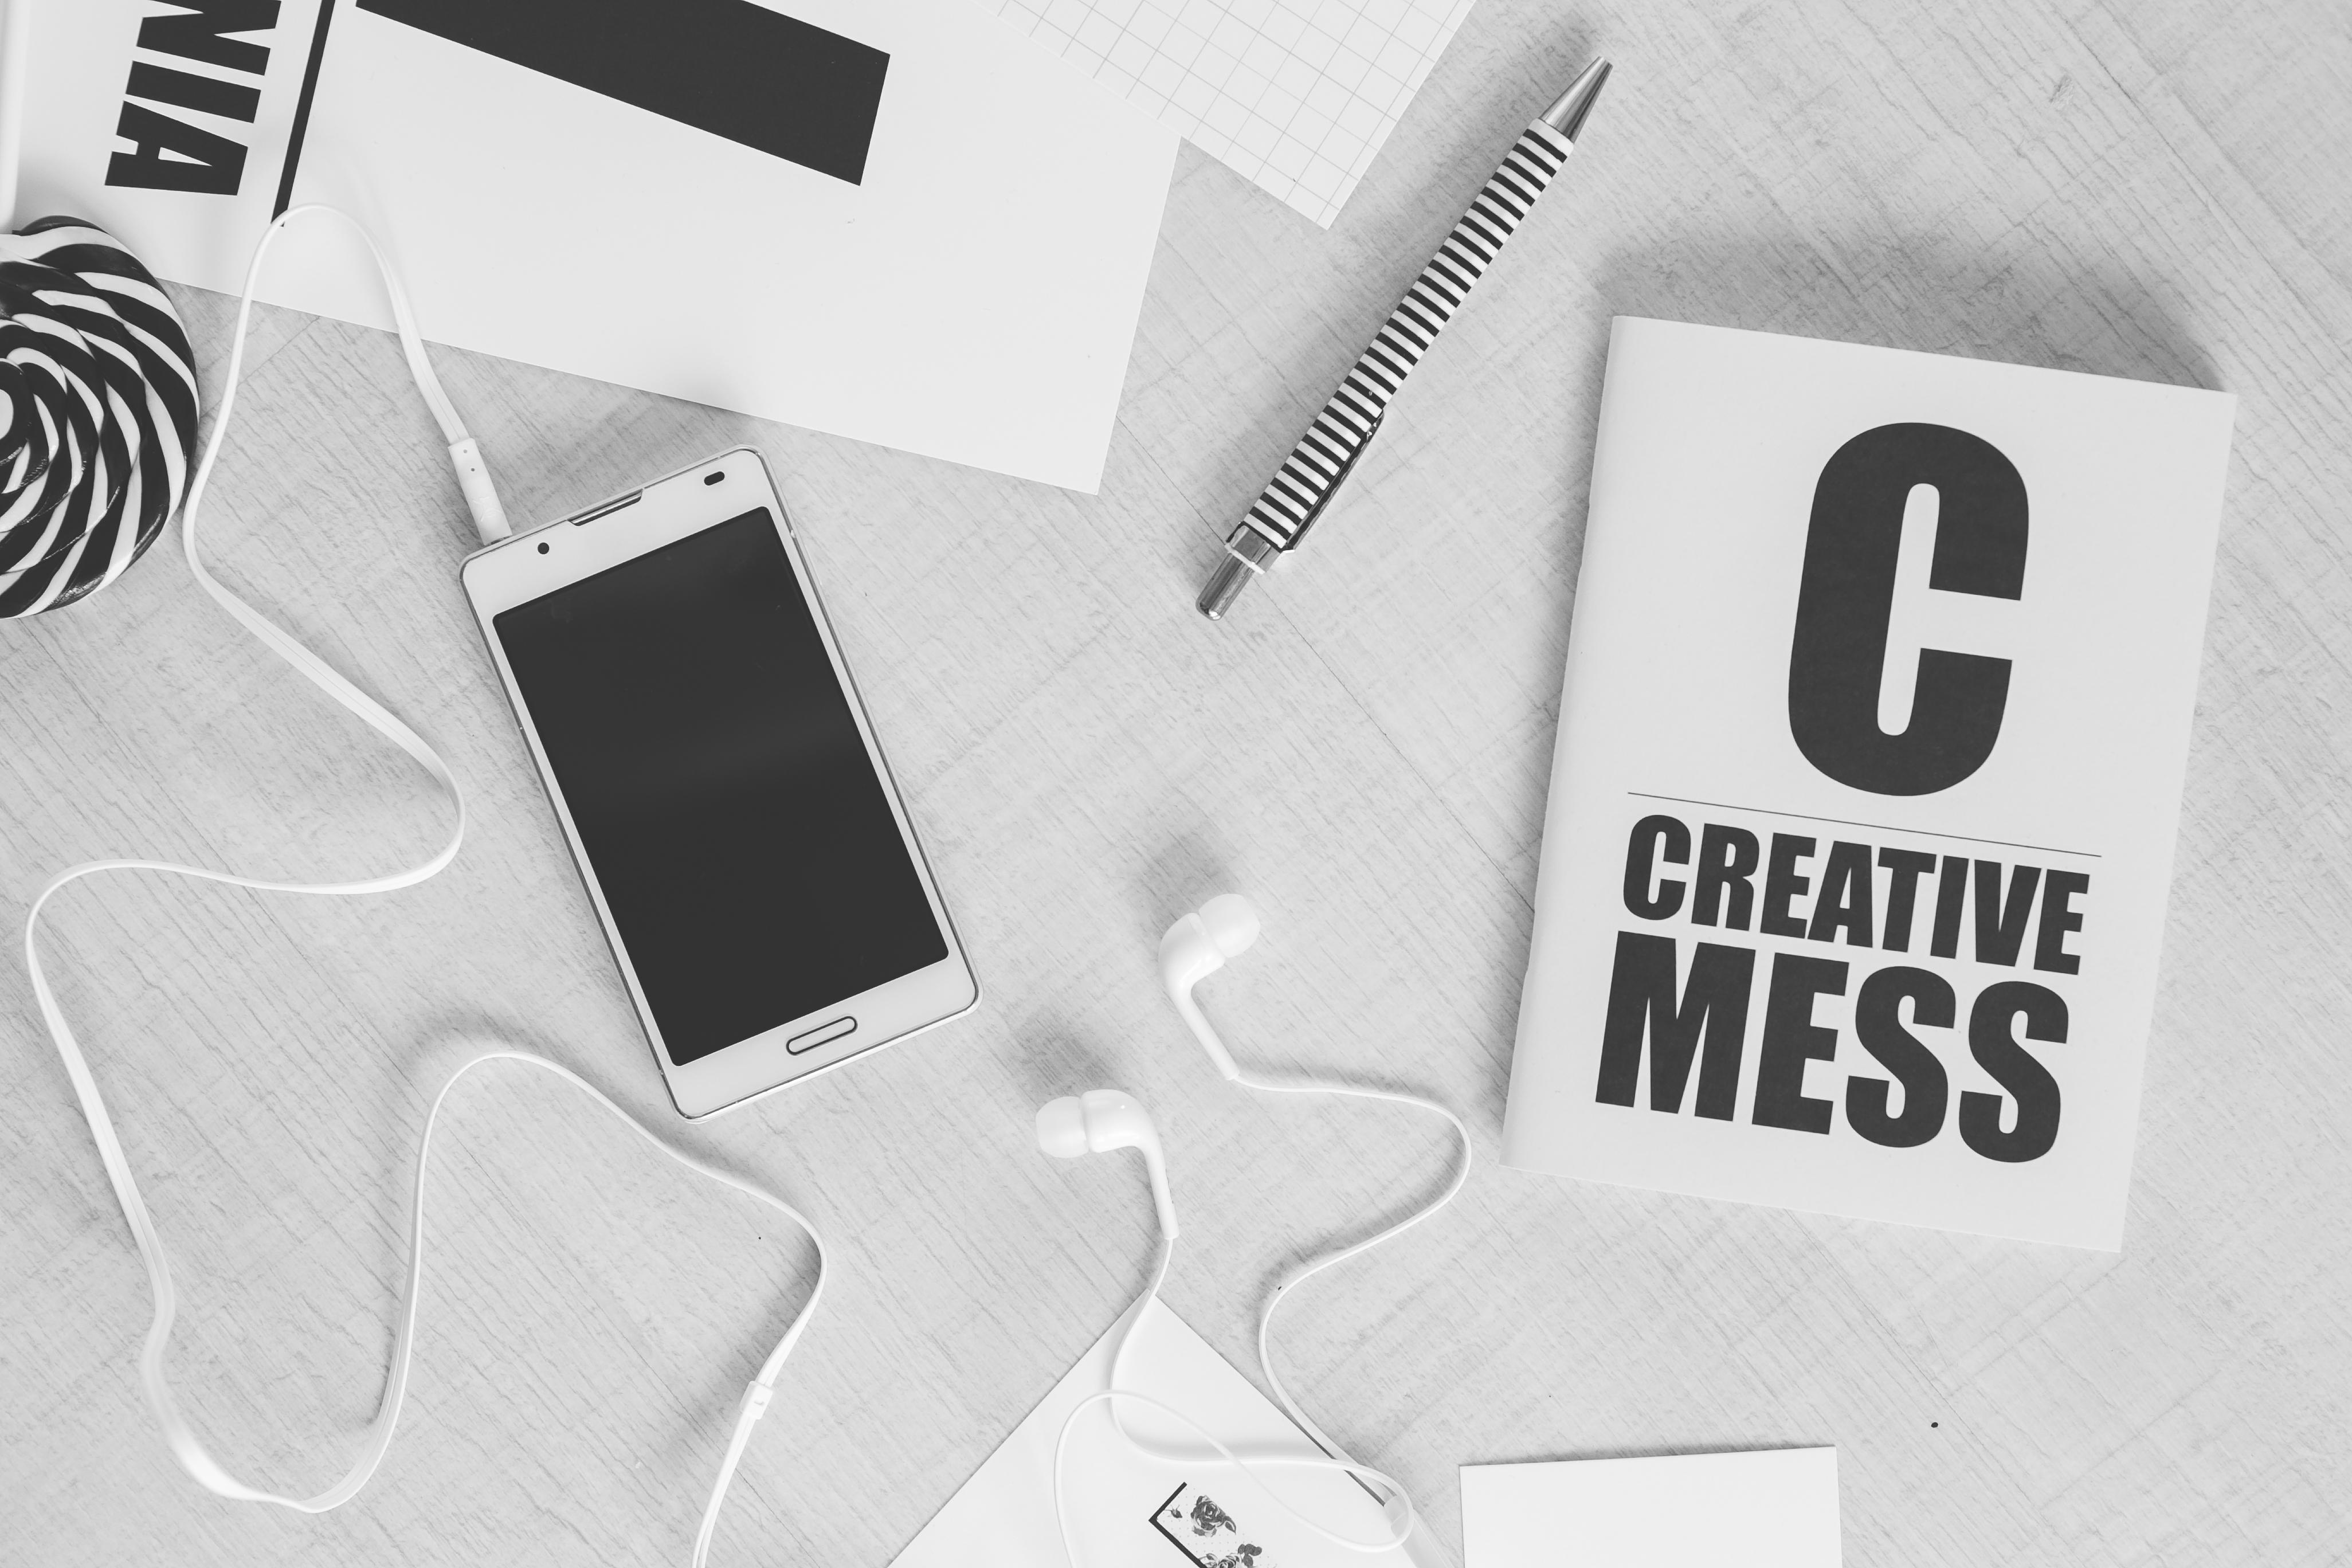 Creativity and Productivity